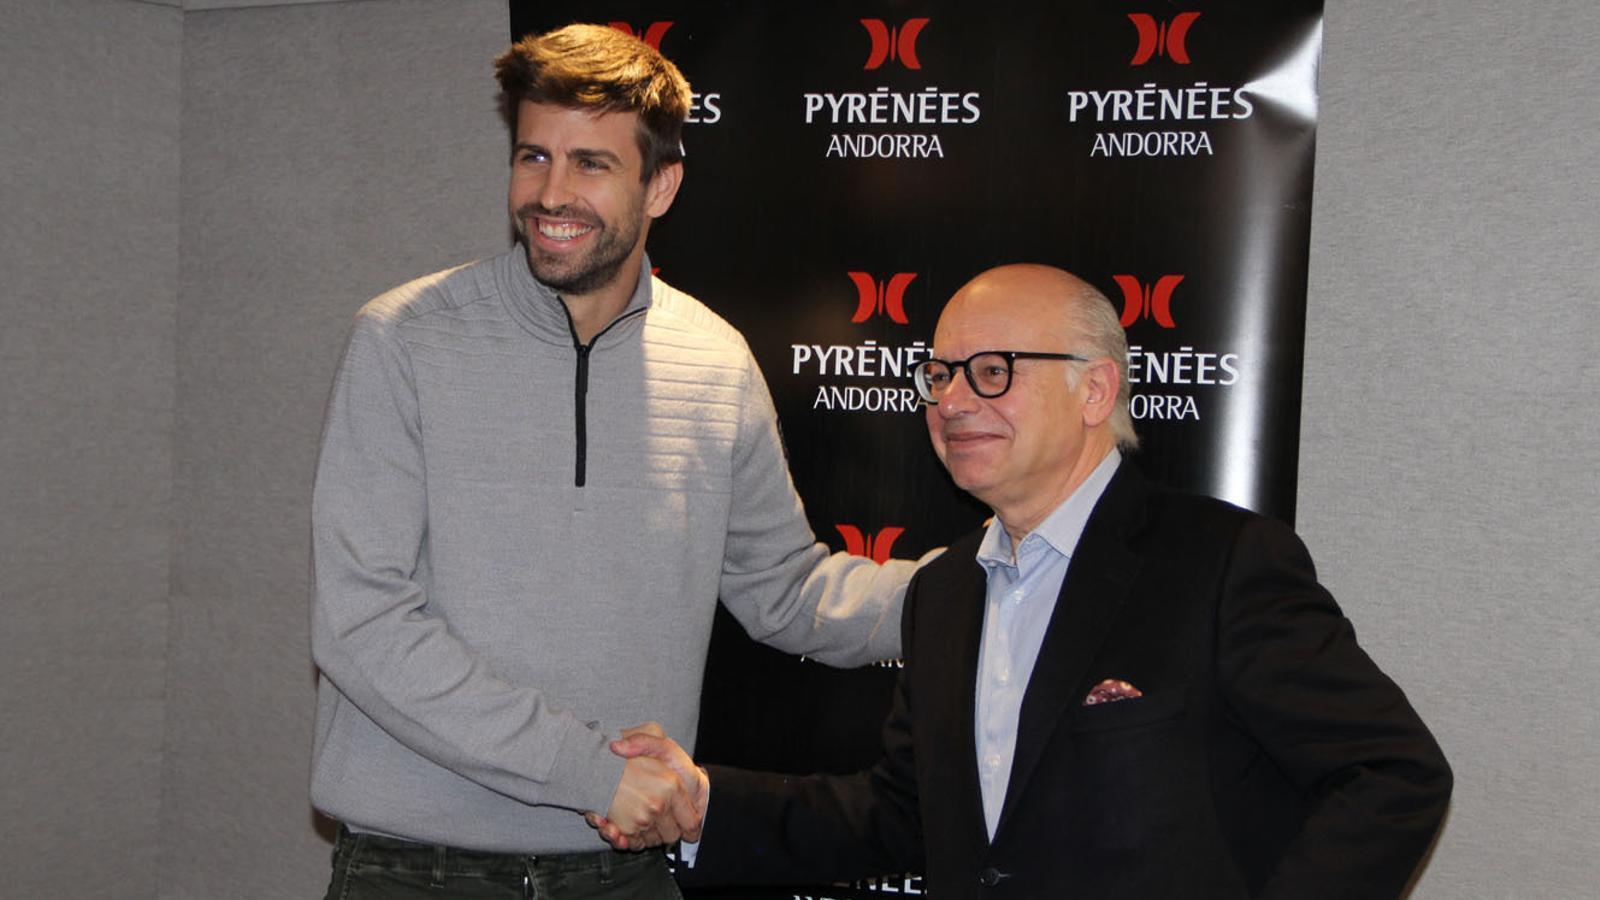 L'accionista de l'FC Andorra, Gerard Piqué, amb el propietari de Pyrénées, Patrick Pérez. / FC ANDORRA